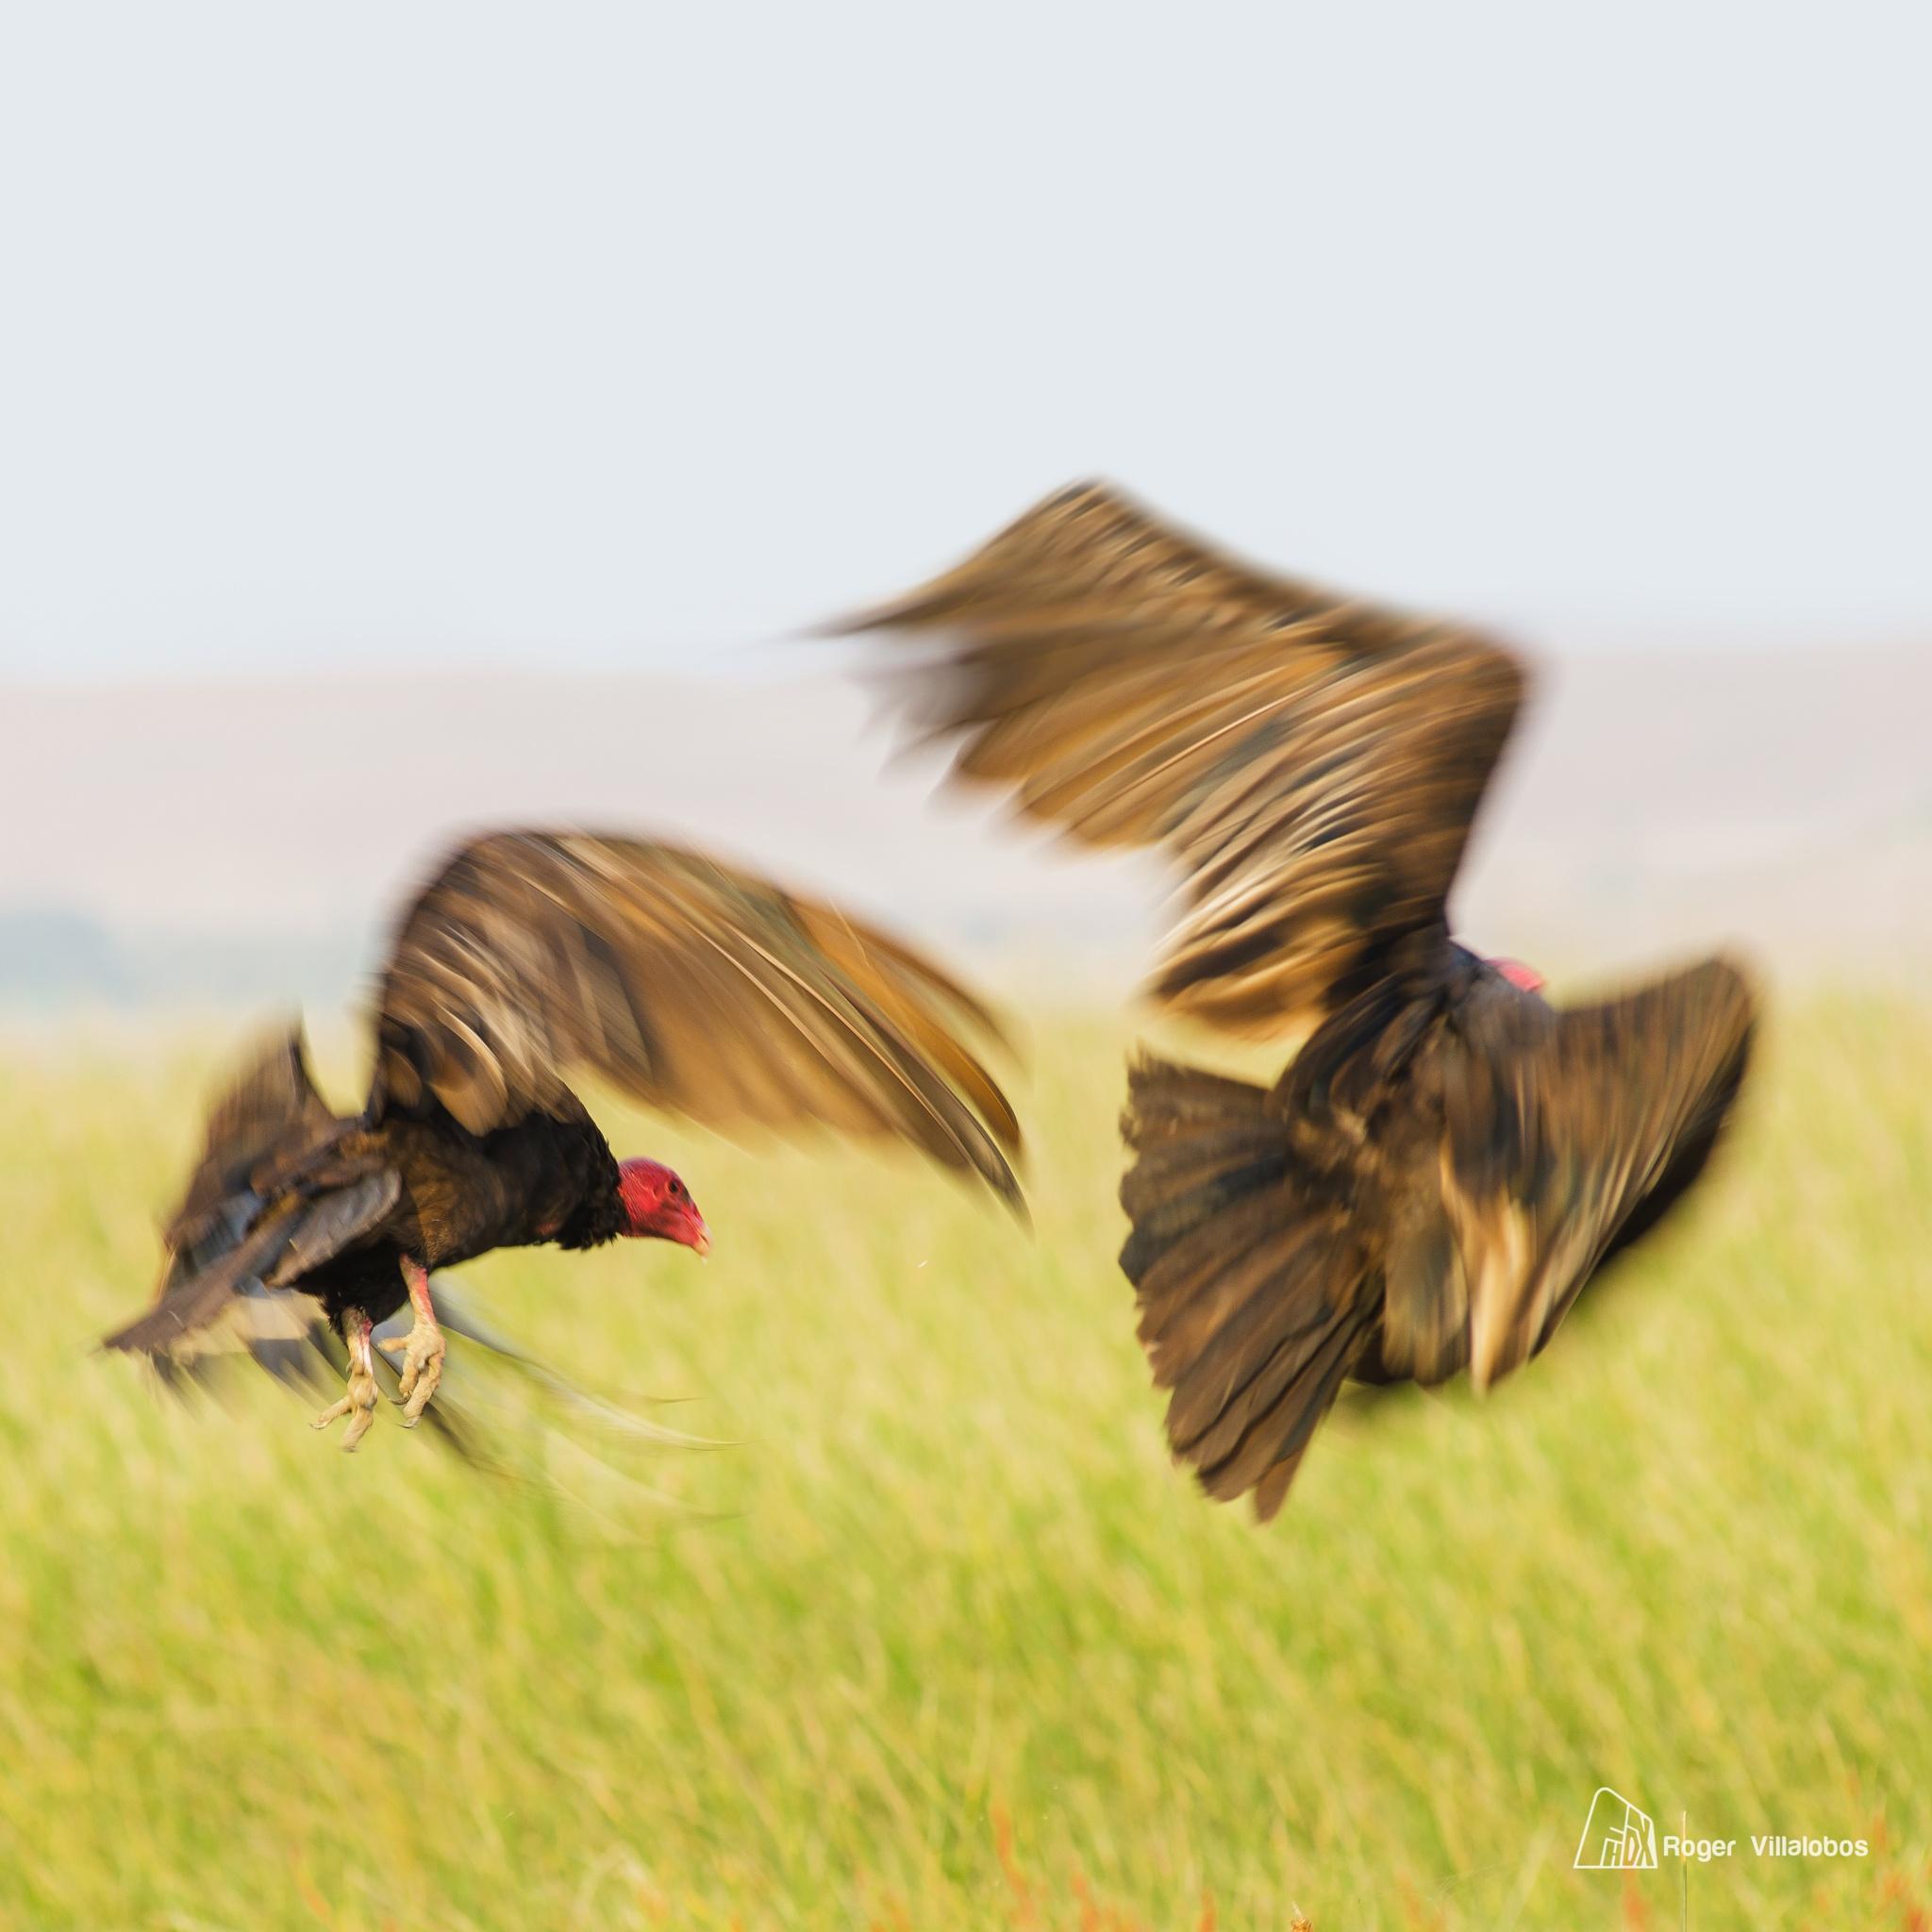 In flying by Roger Villalobos Medina